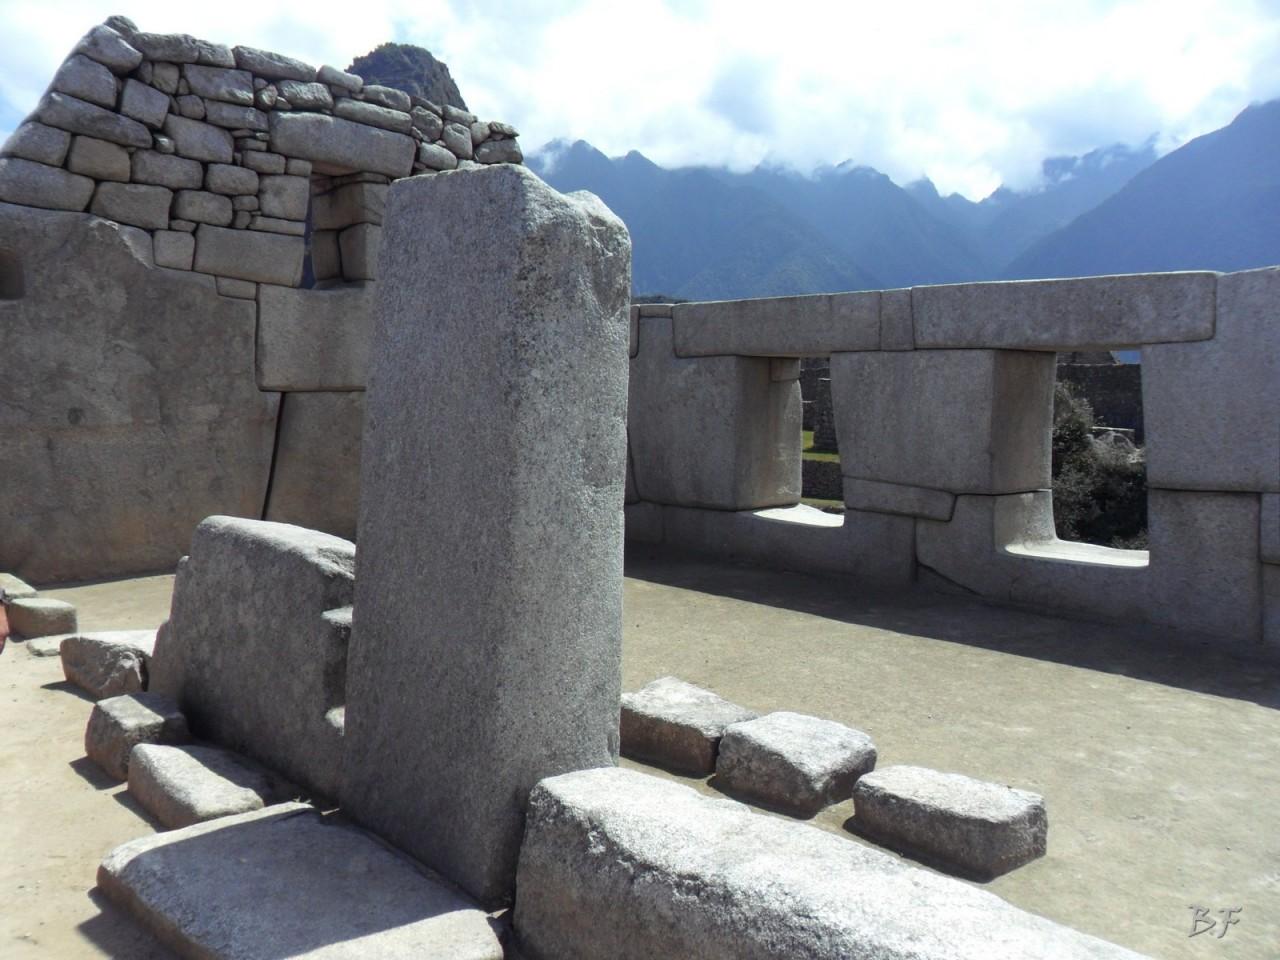 Mura-Poligonali-Incisioni-Altari-Edifici-Rupestri-Megaliti-Machu-Picchu-Aguas-Calientes-Urubamba-Cusco-Perù-59